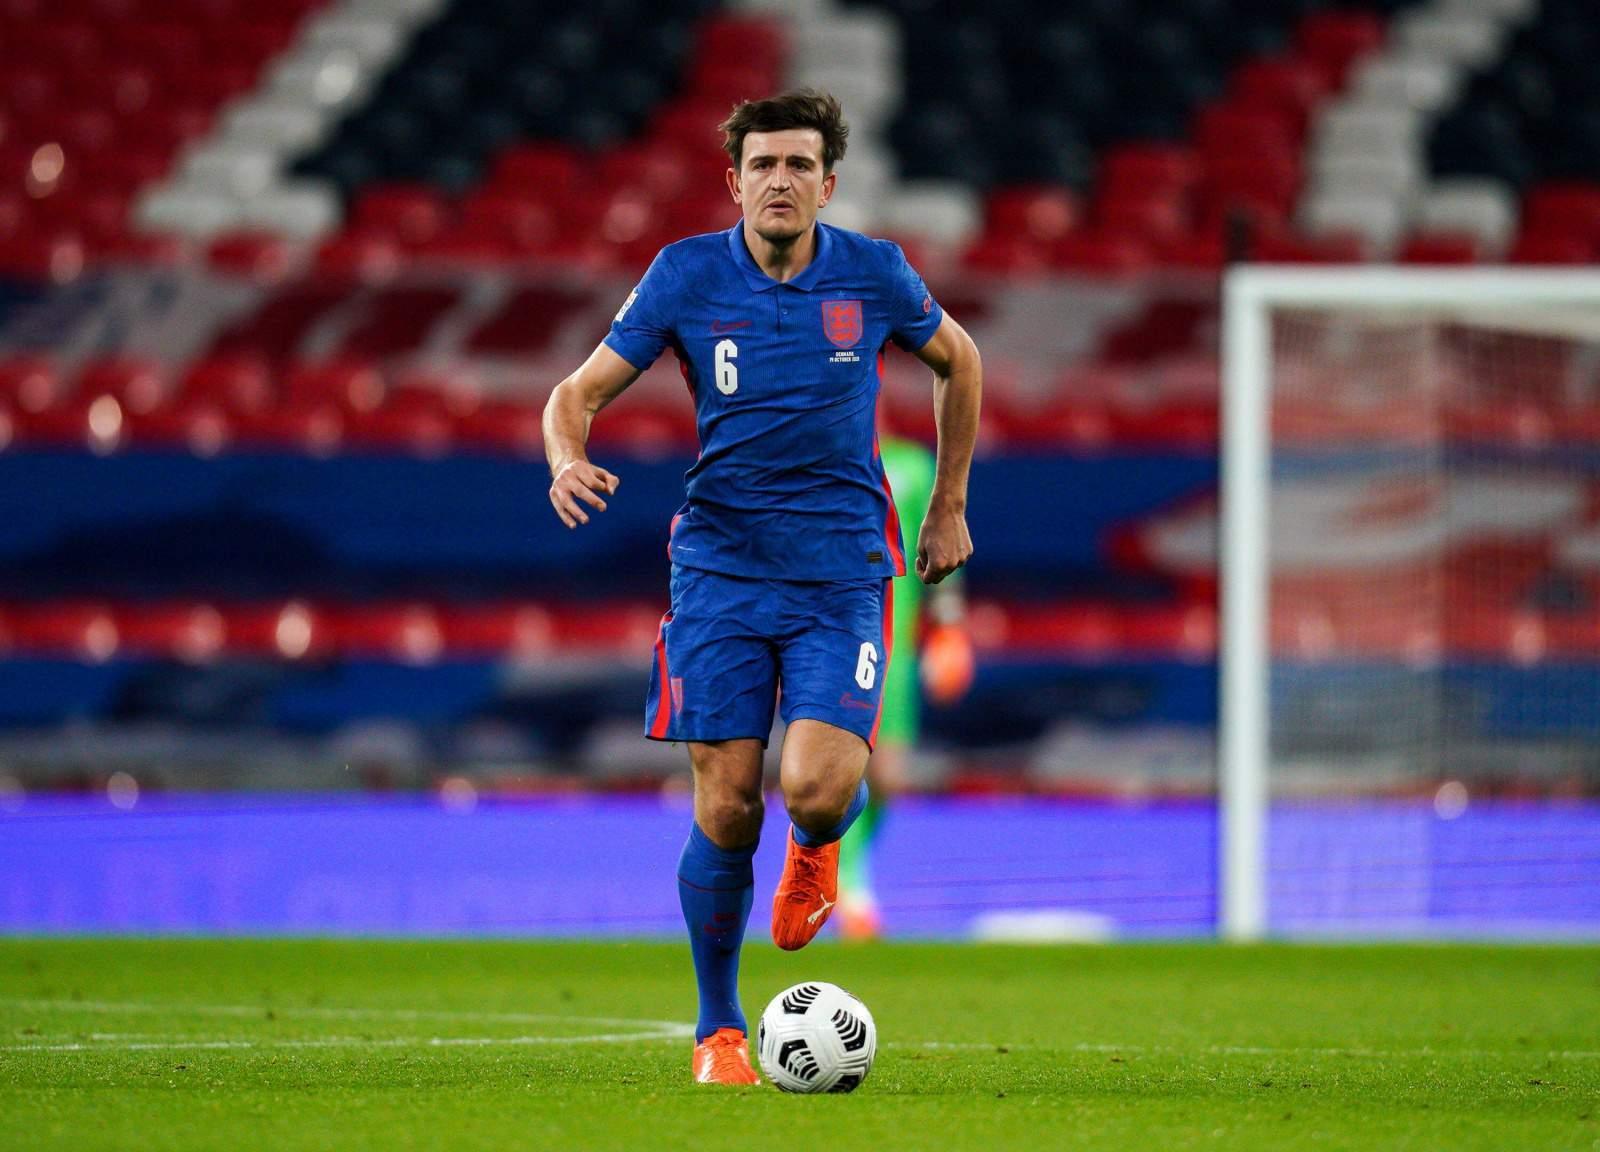 Магуайр – о выходе в финал Лиги Европы: «Серьезное достижение»